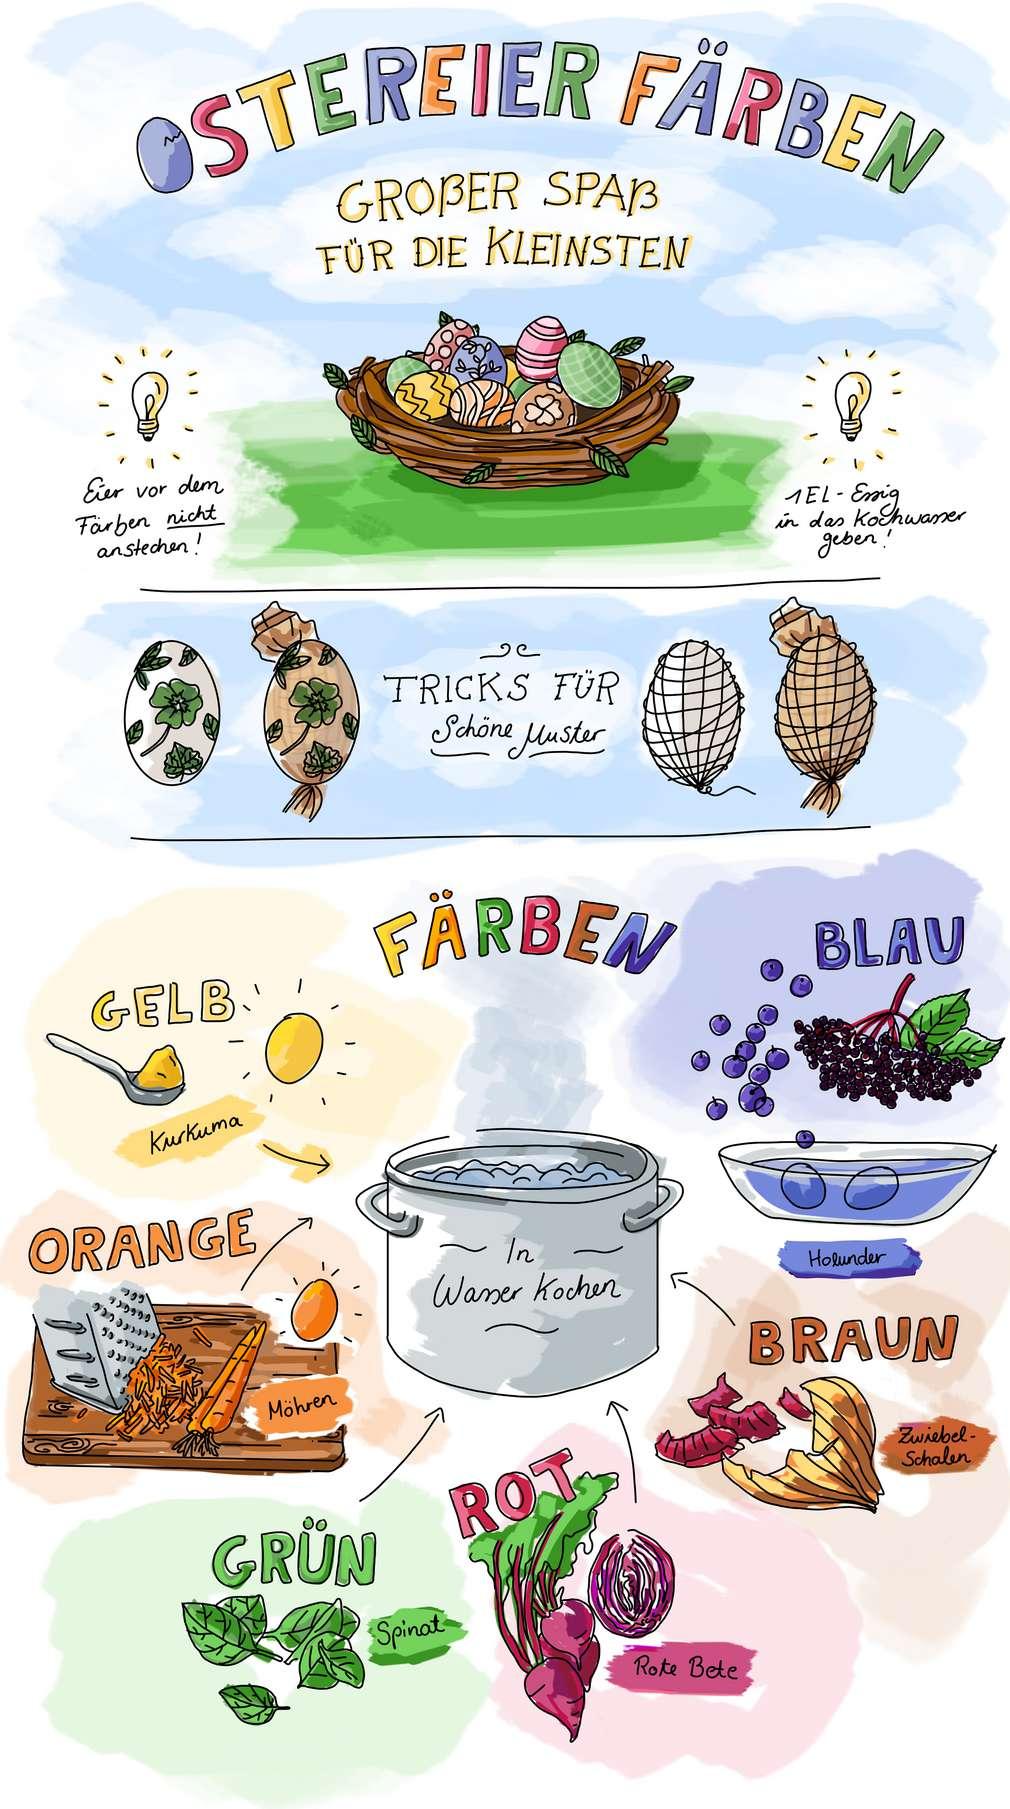 Infografik: Ostereier färben